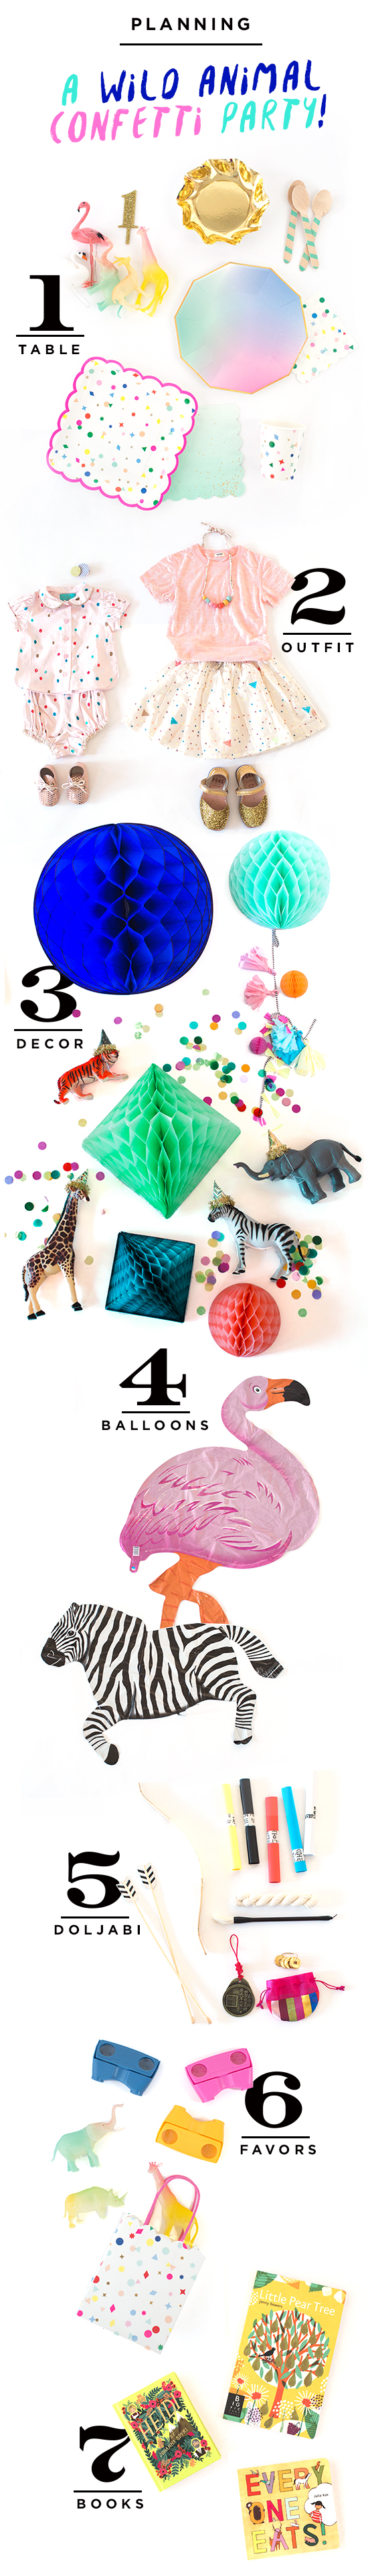 A Wild Animal Confetti Party